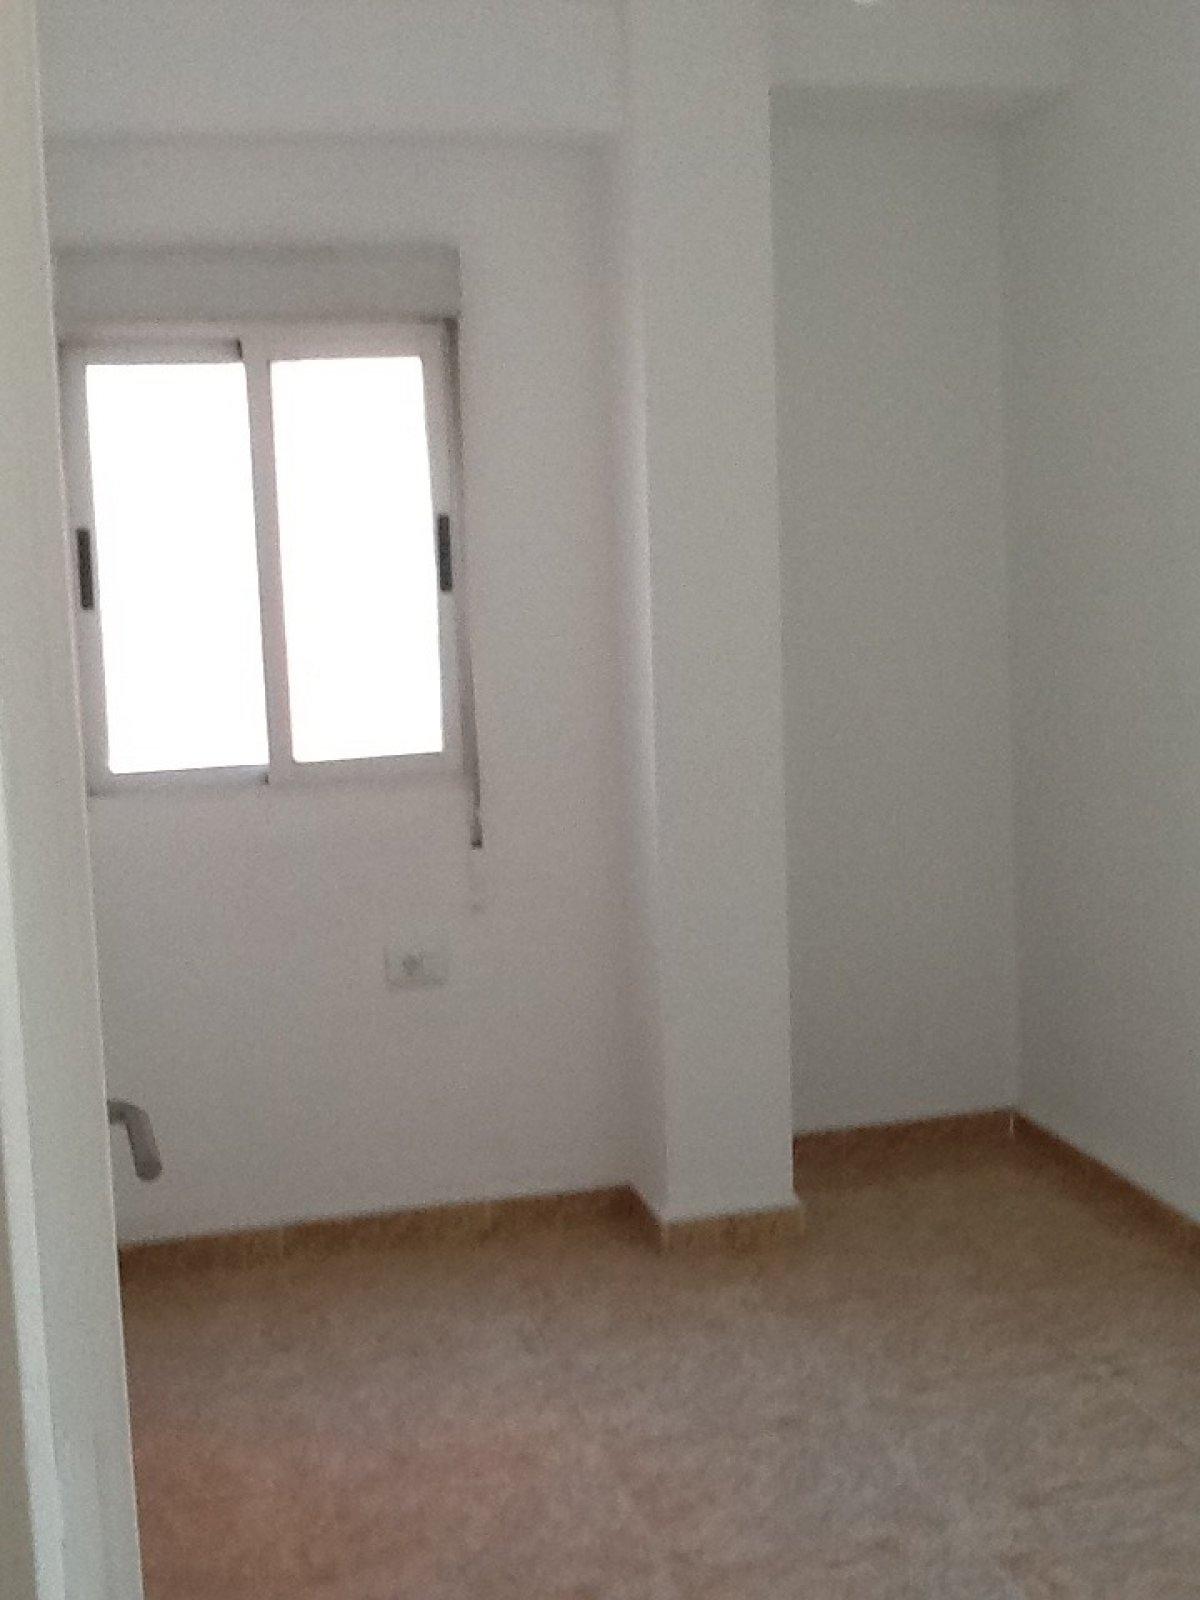 Alquiler de piso en valencia - imagenInmueble6